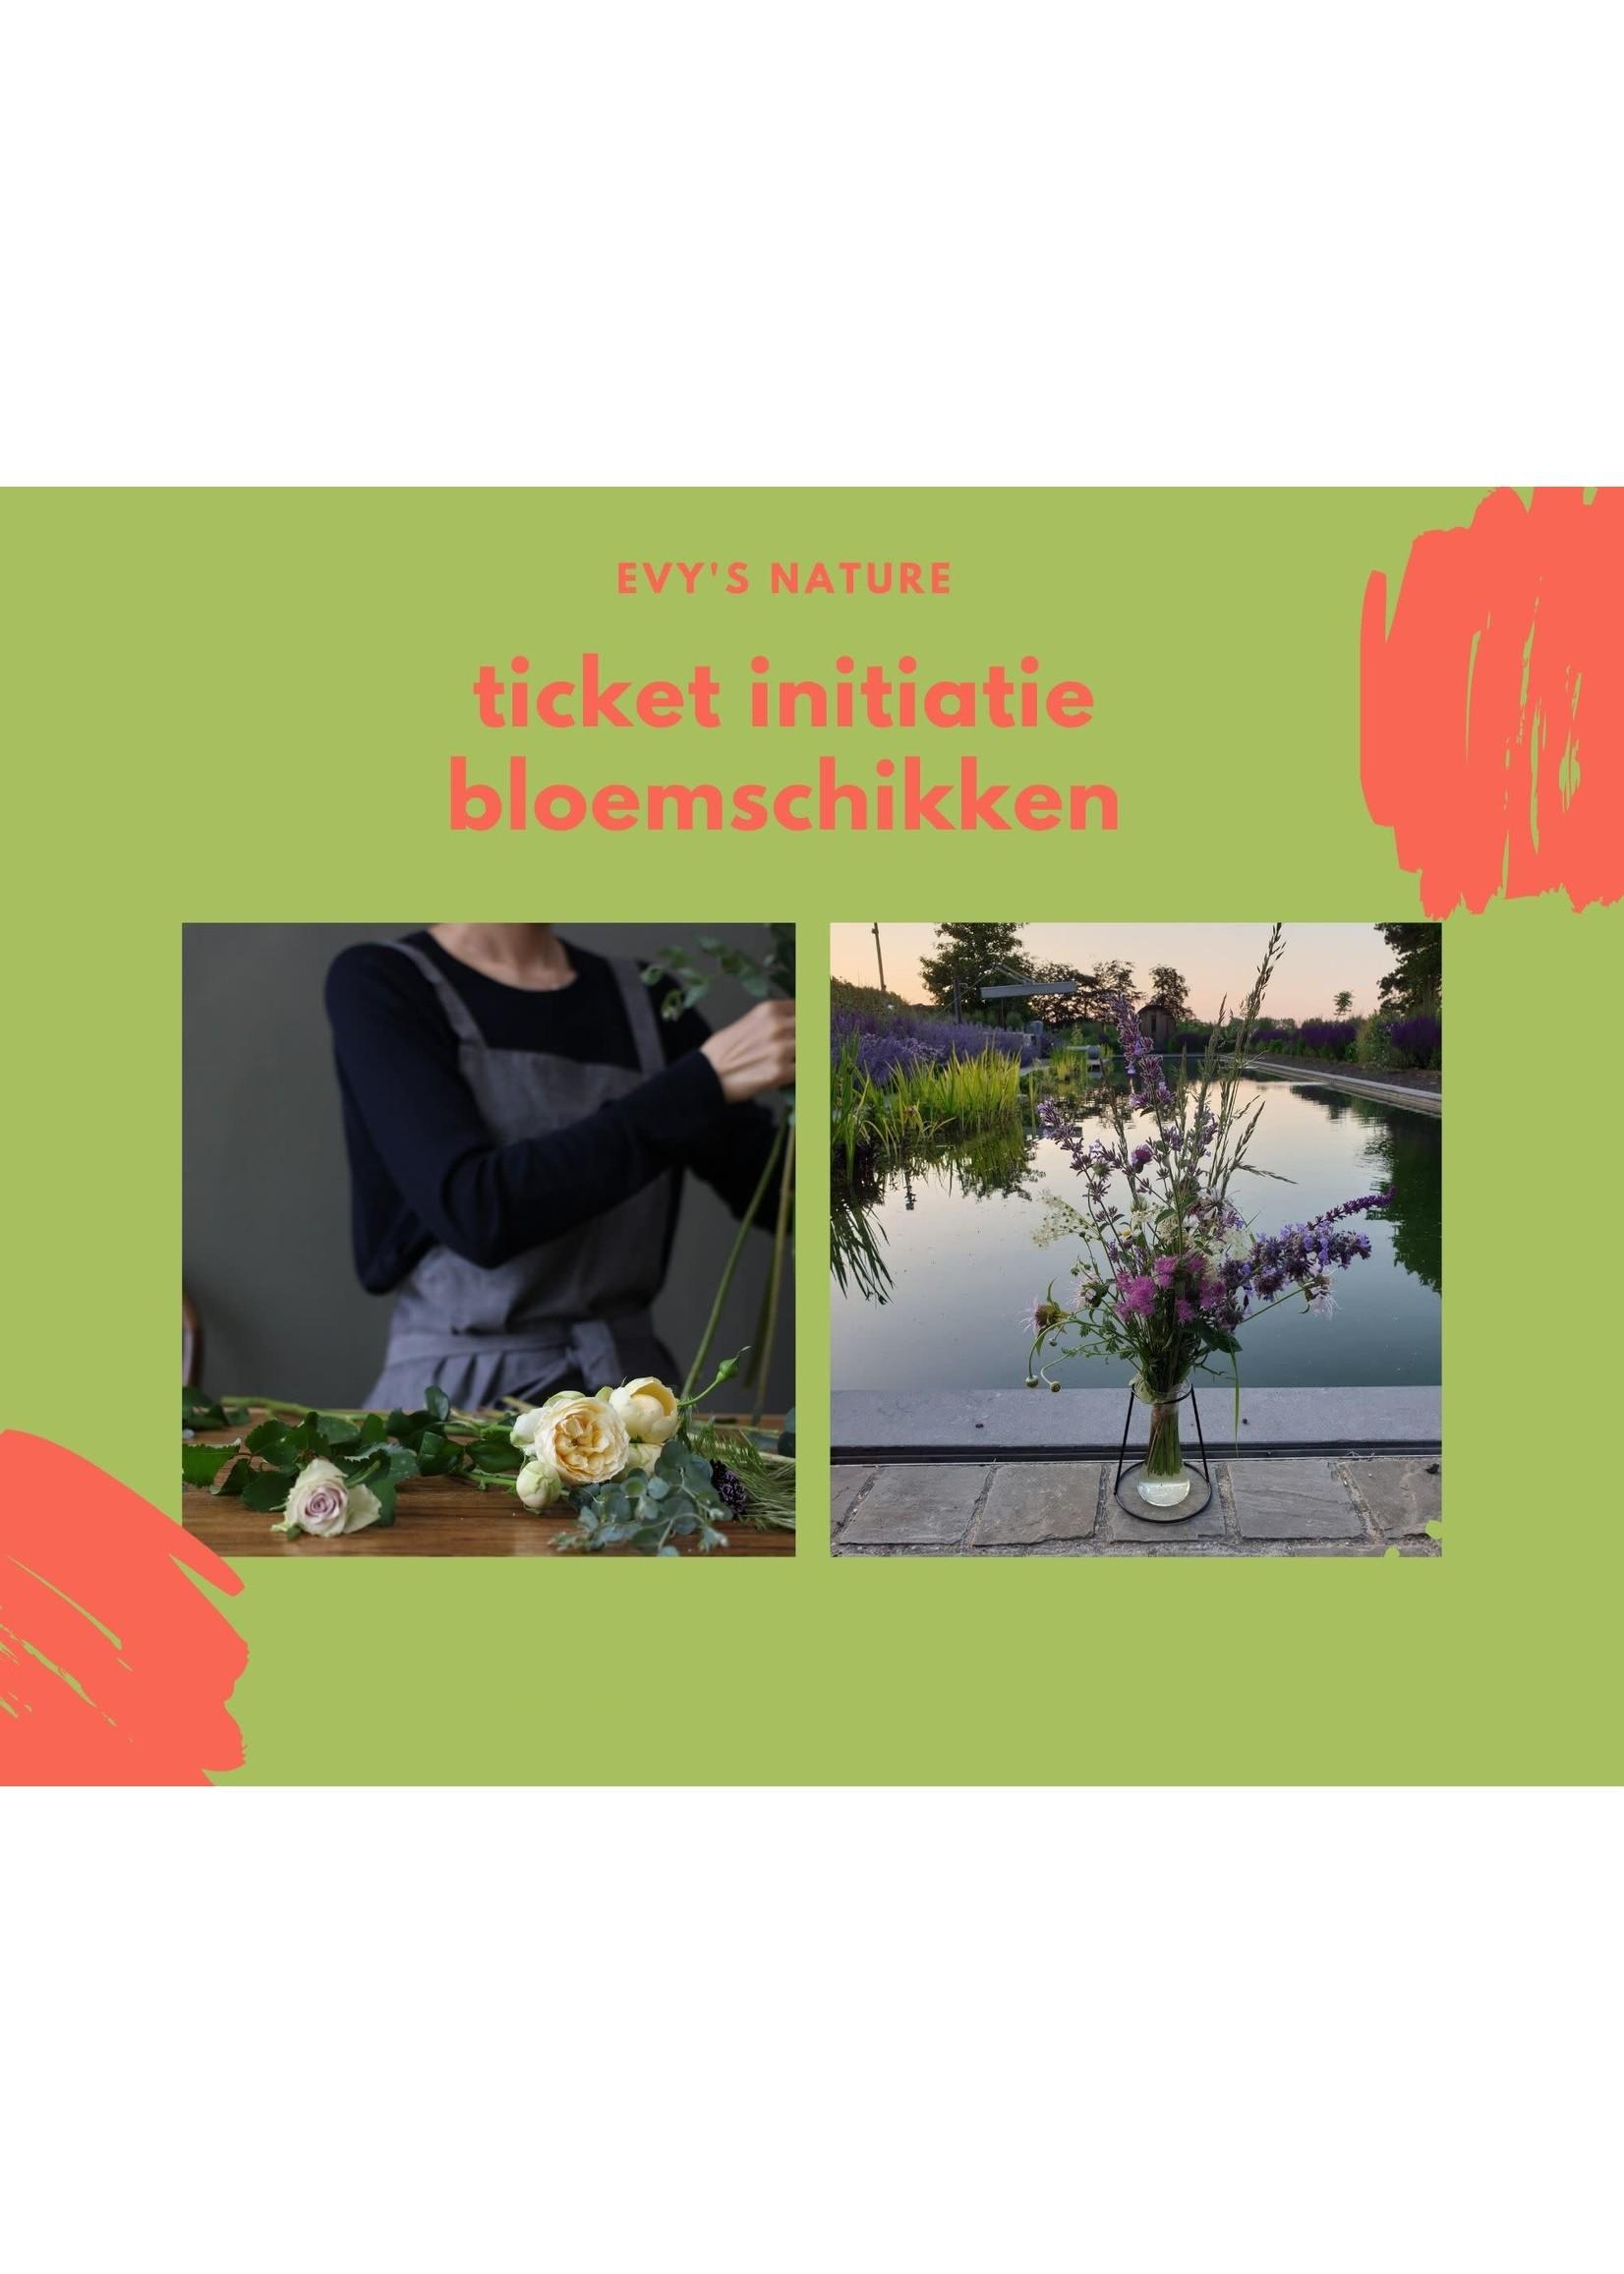 Evygoesnature Ticket initiatie bloemschikken 11/9 10u Evygoesnature